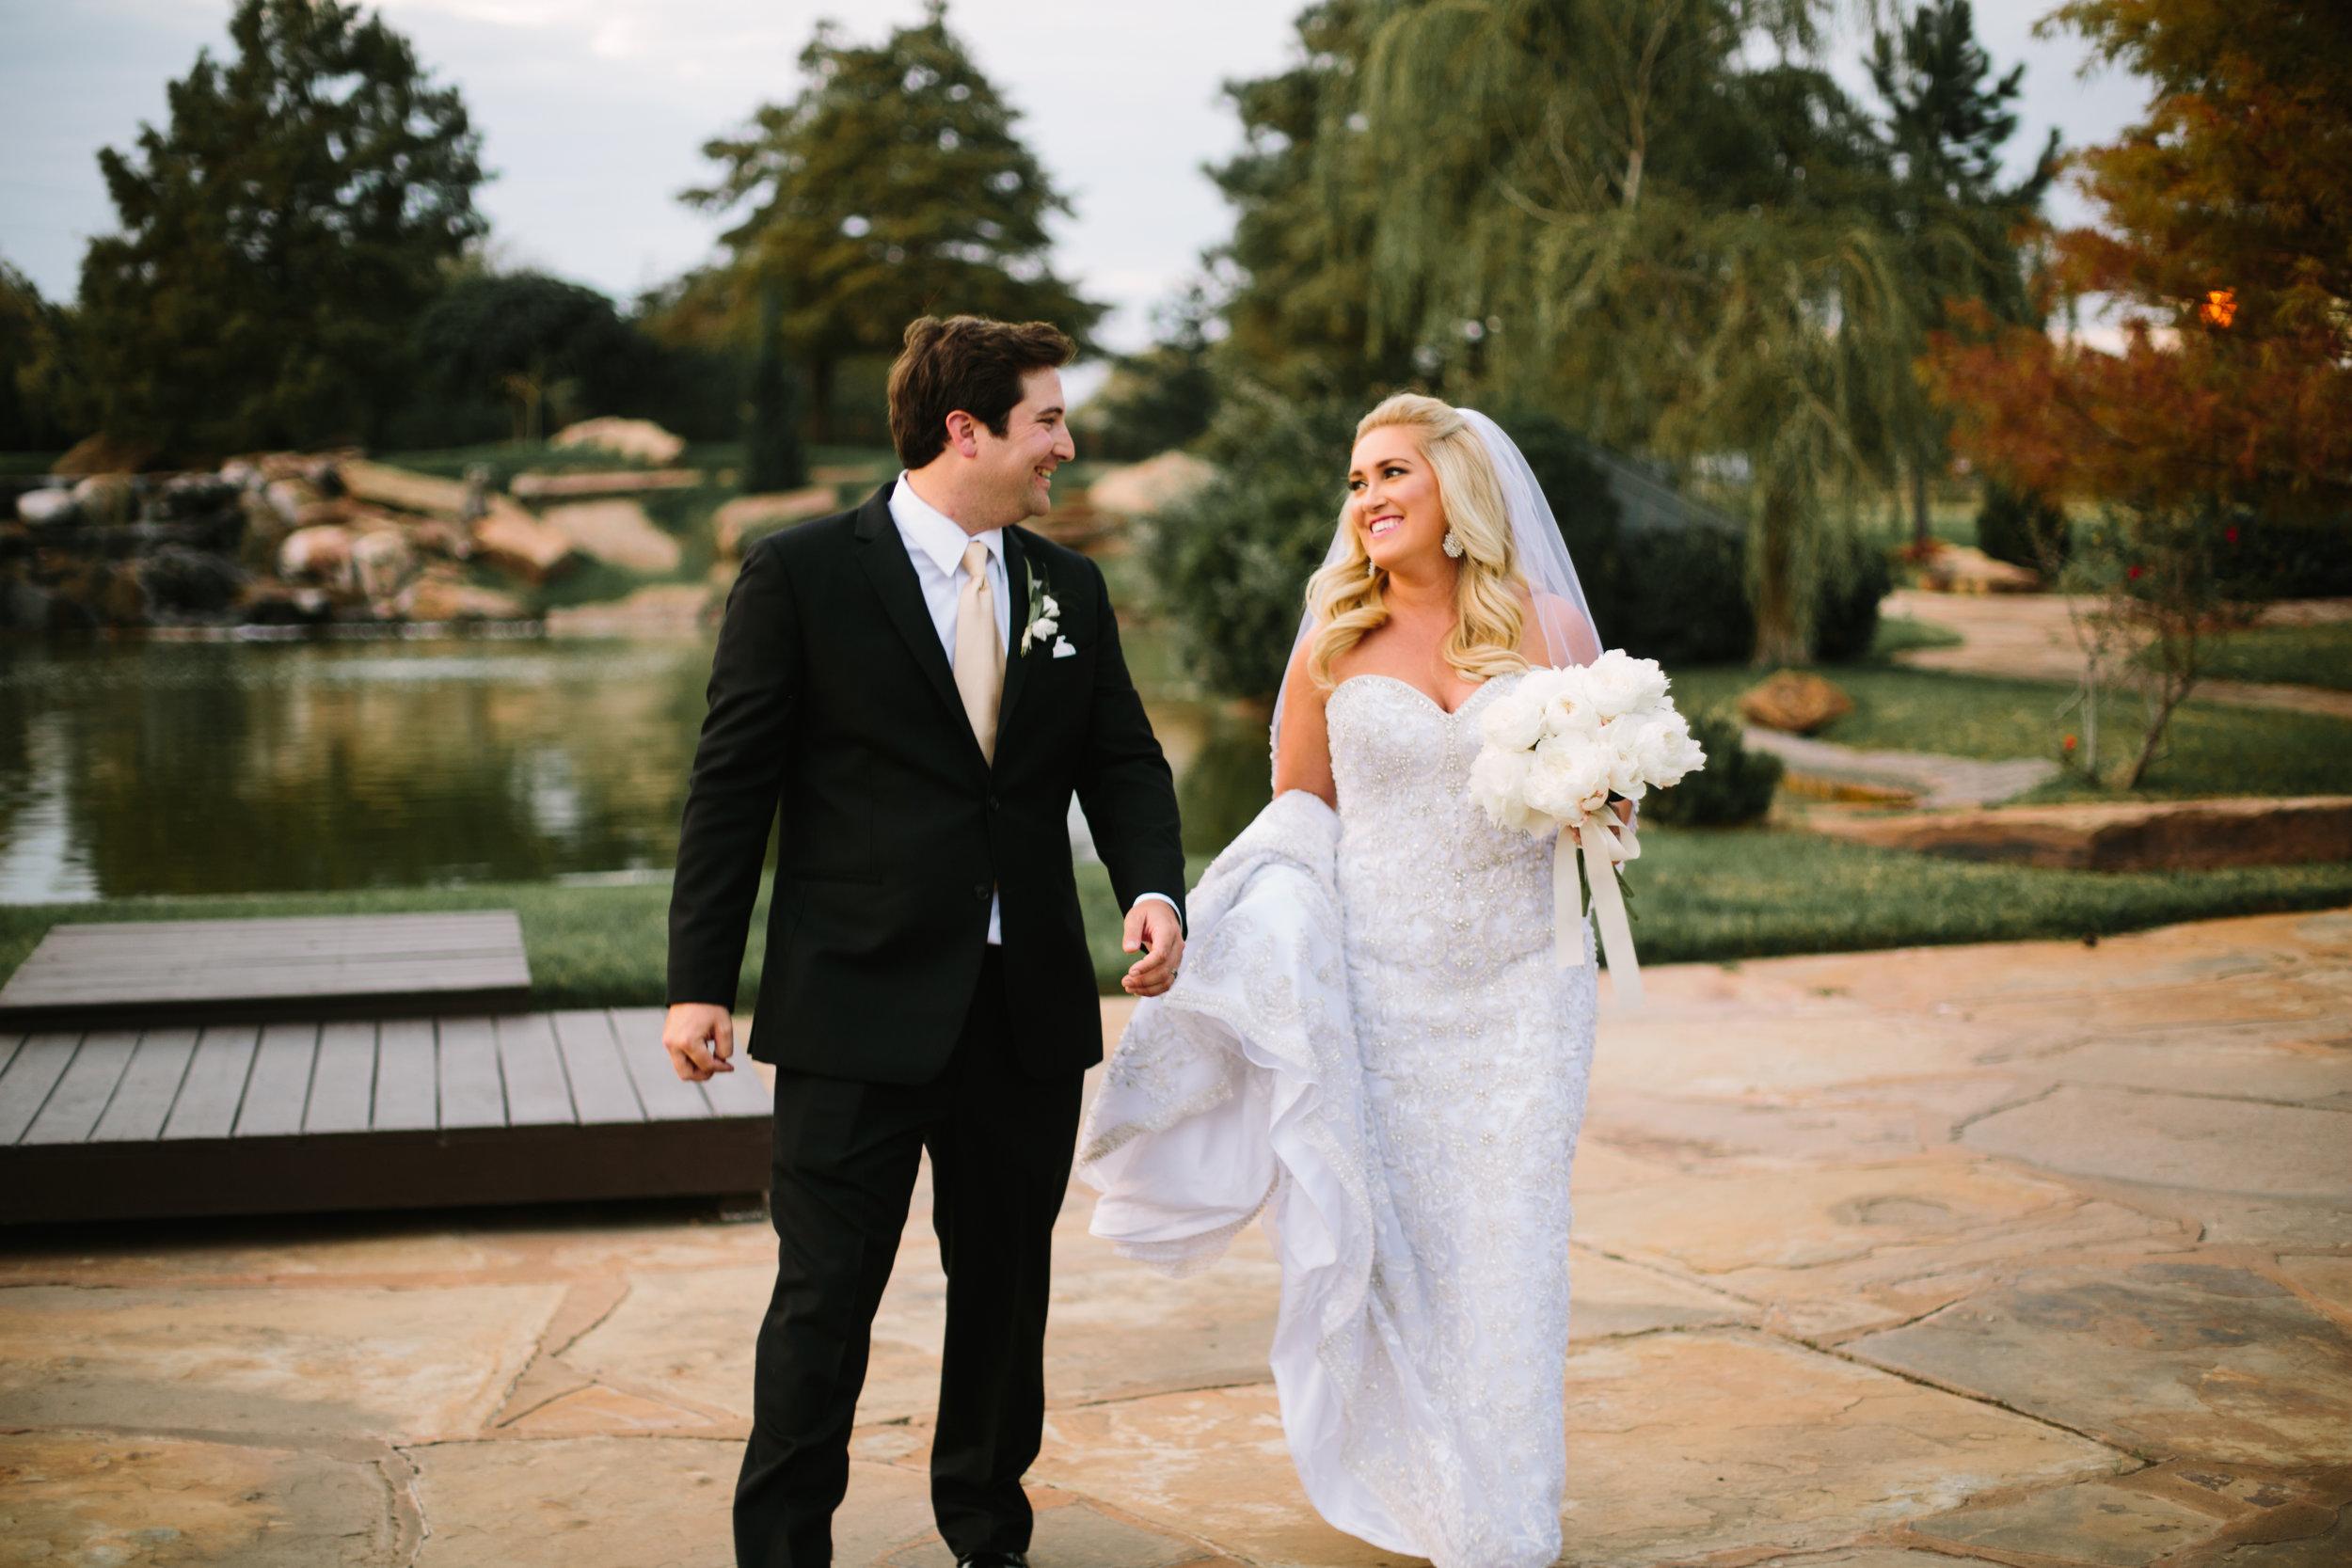 wedding 0367.jpg